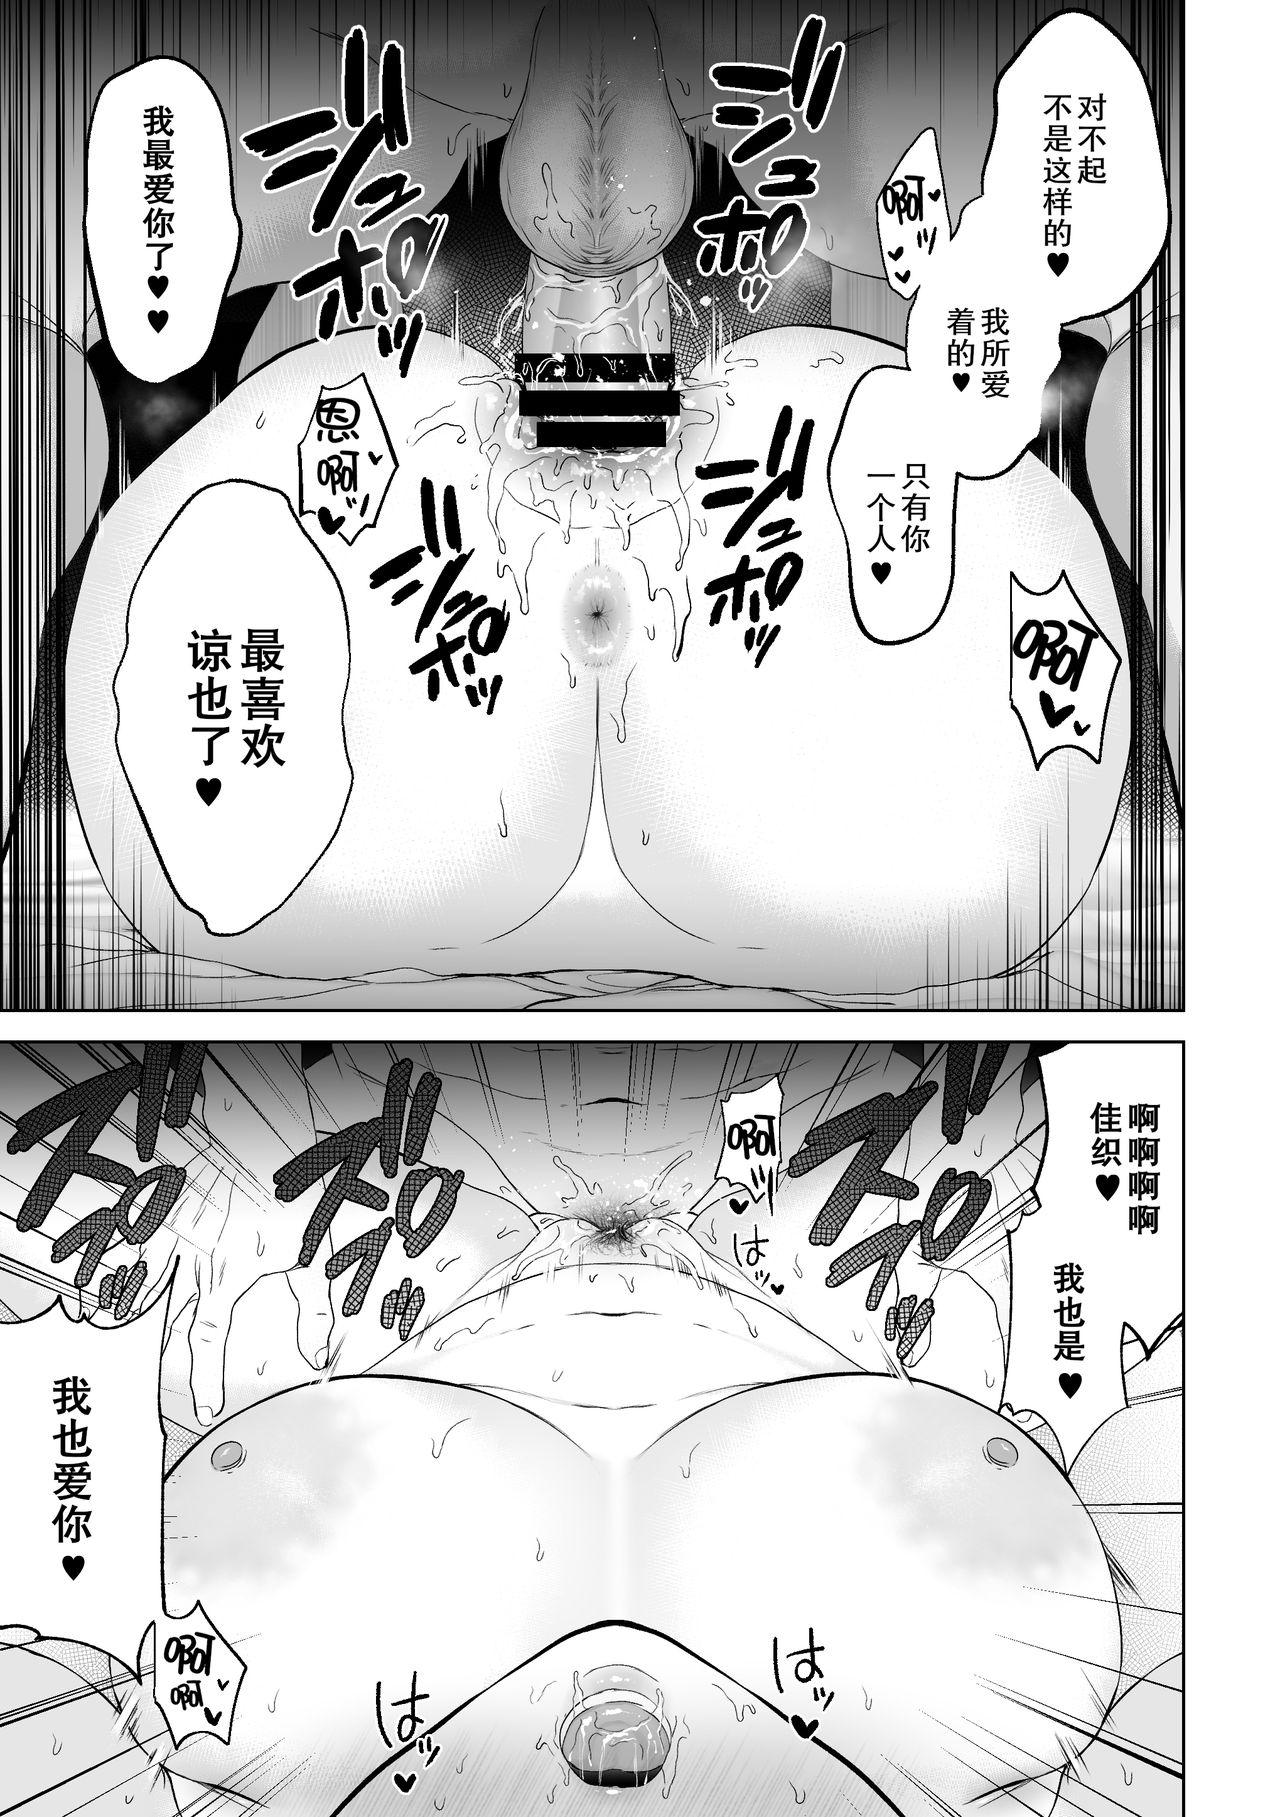 [Torotoro Yume Banana (Yumeki Banana)] Anata ga Nozomu nara[Chinese]【不可视汉化】 28